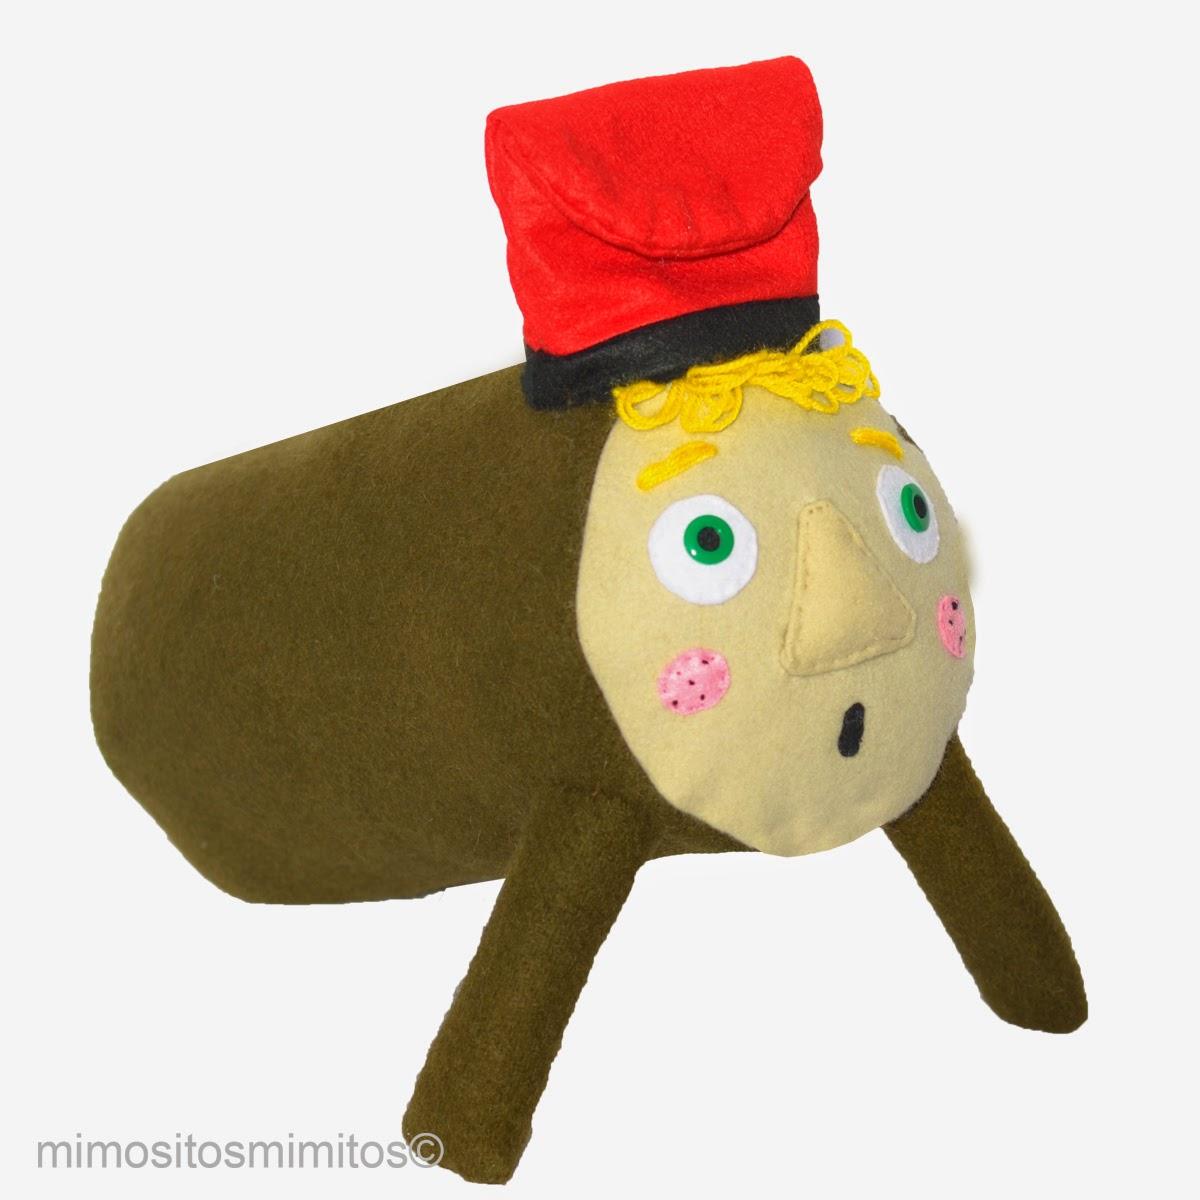 caga tió de nadal hecho a mano handmade xmas stuffed toy decoración navidad